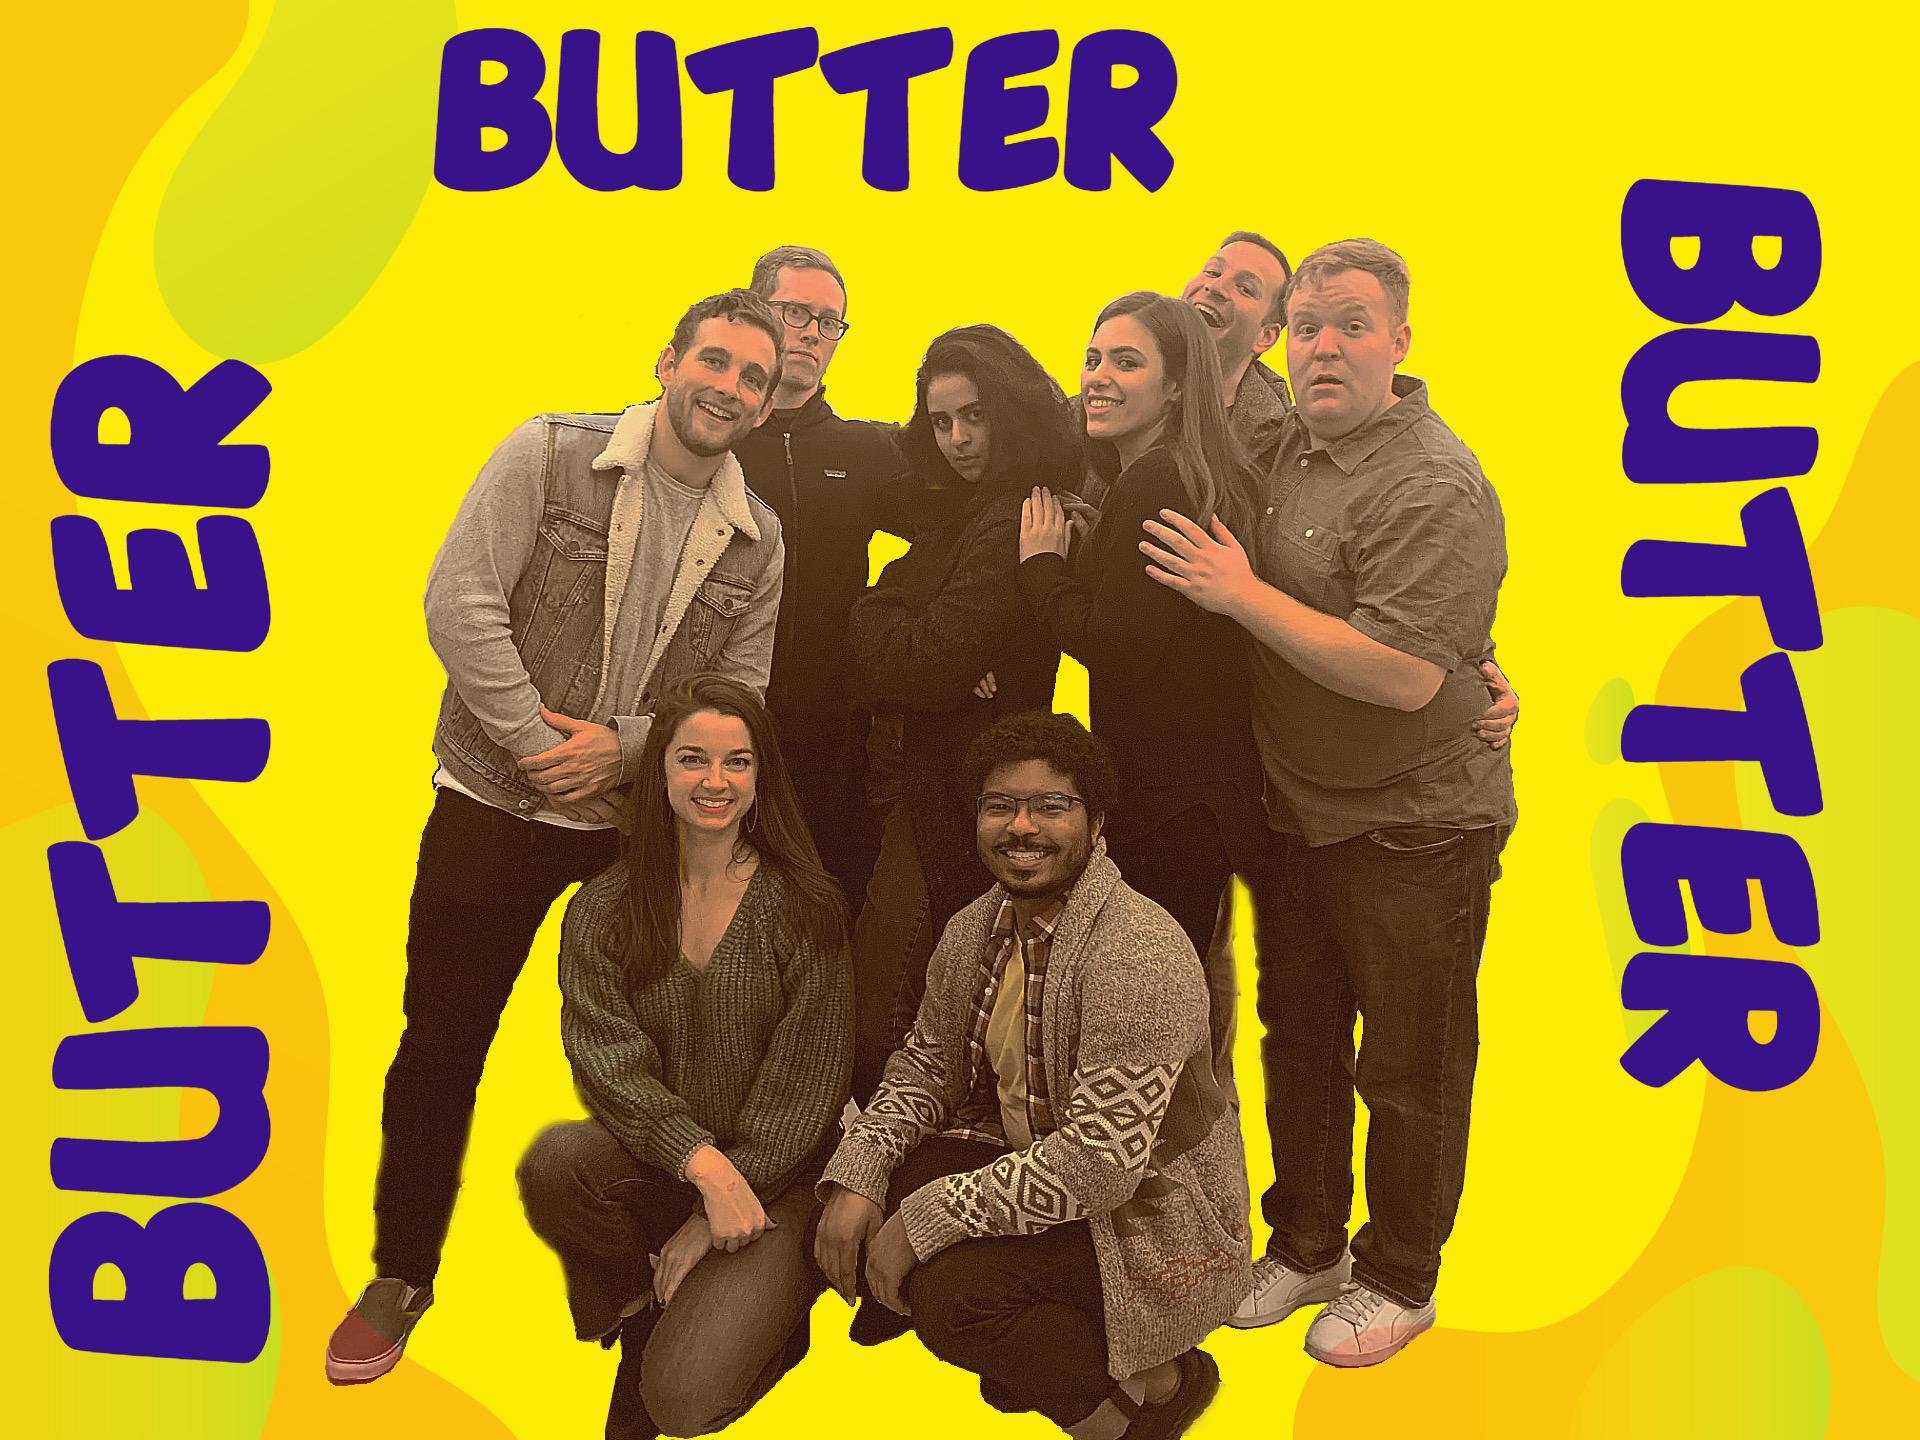 Butter Butter Butter!